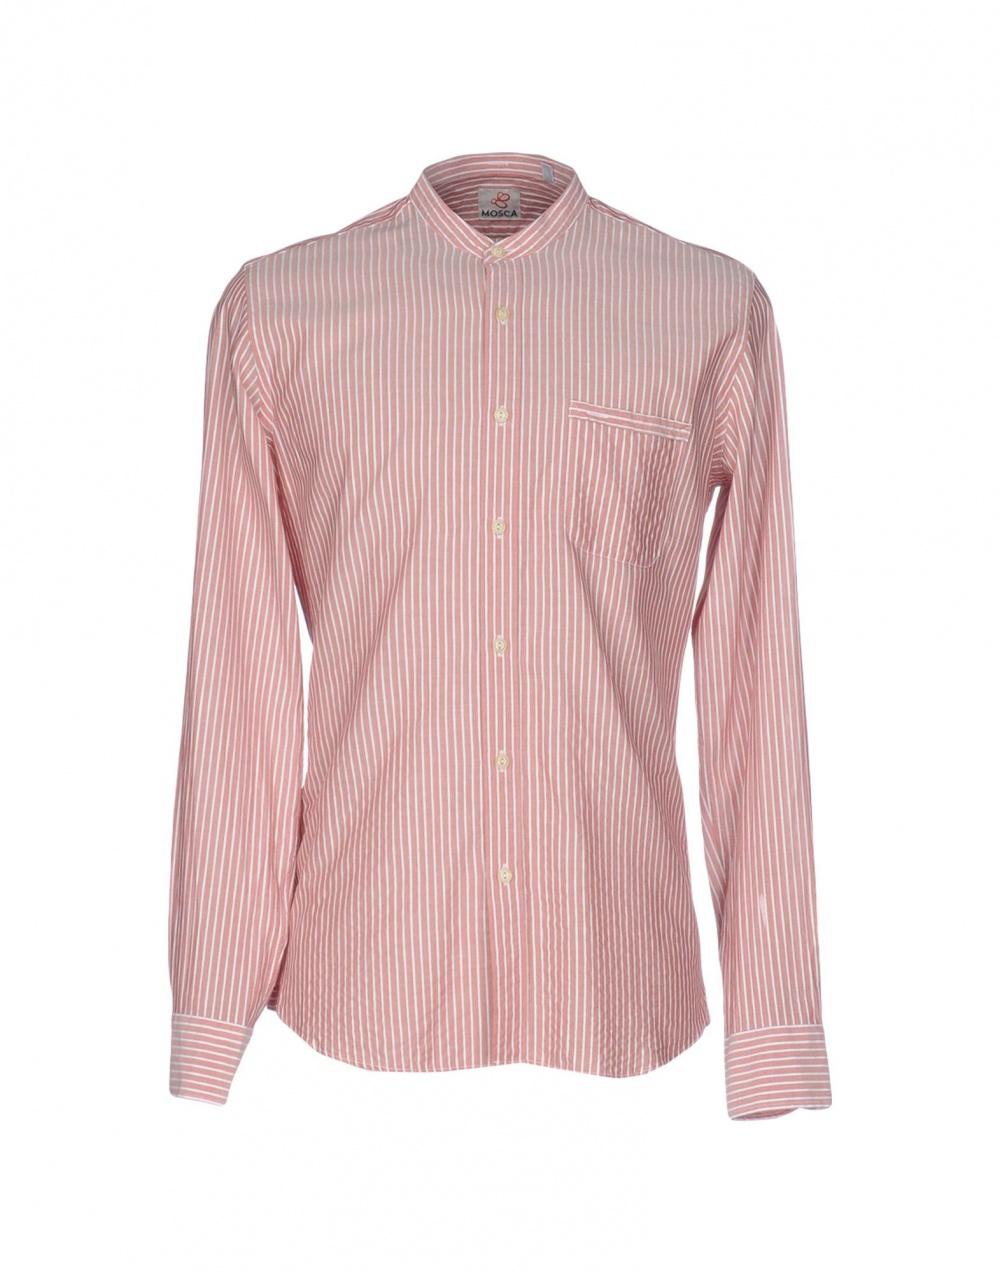 Рубашка в полоску MOSCA, размер М